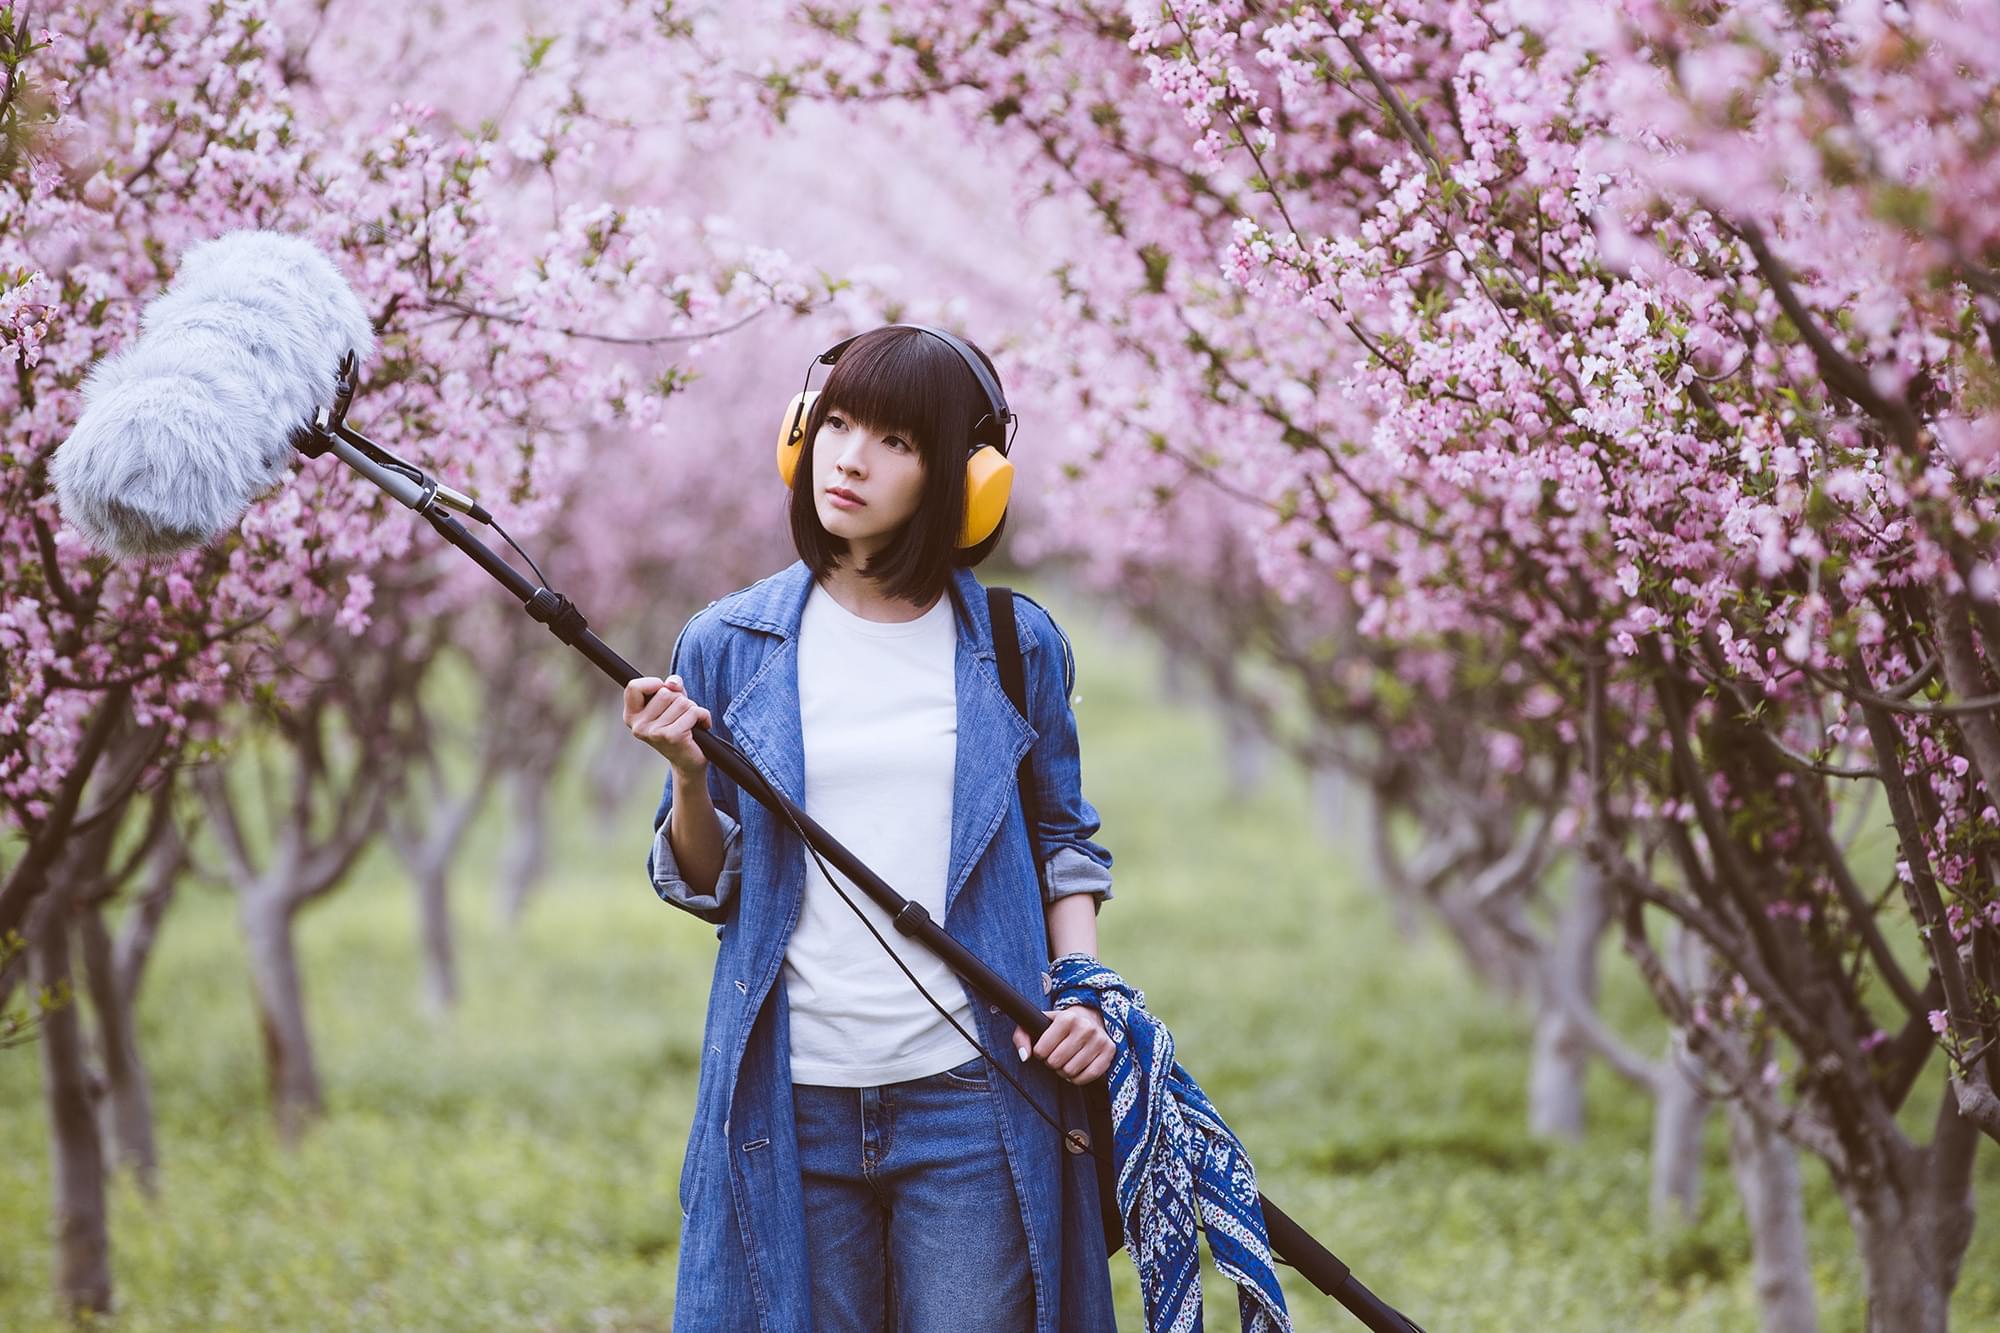 郭美美《你能听见吗》MV发布 收集纯爱之声